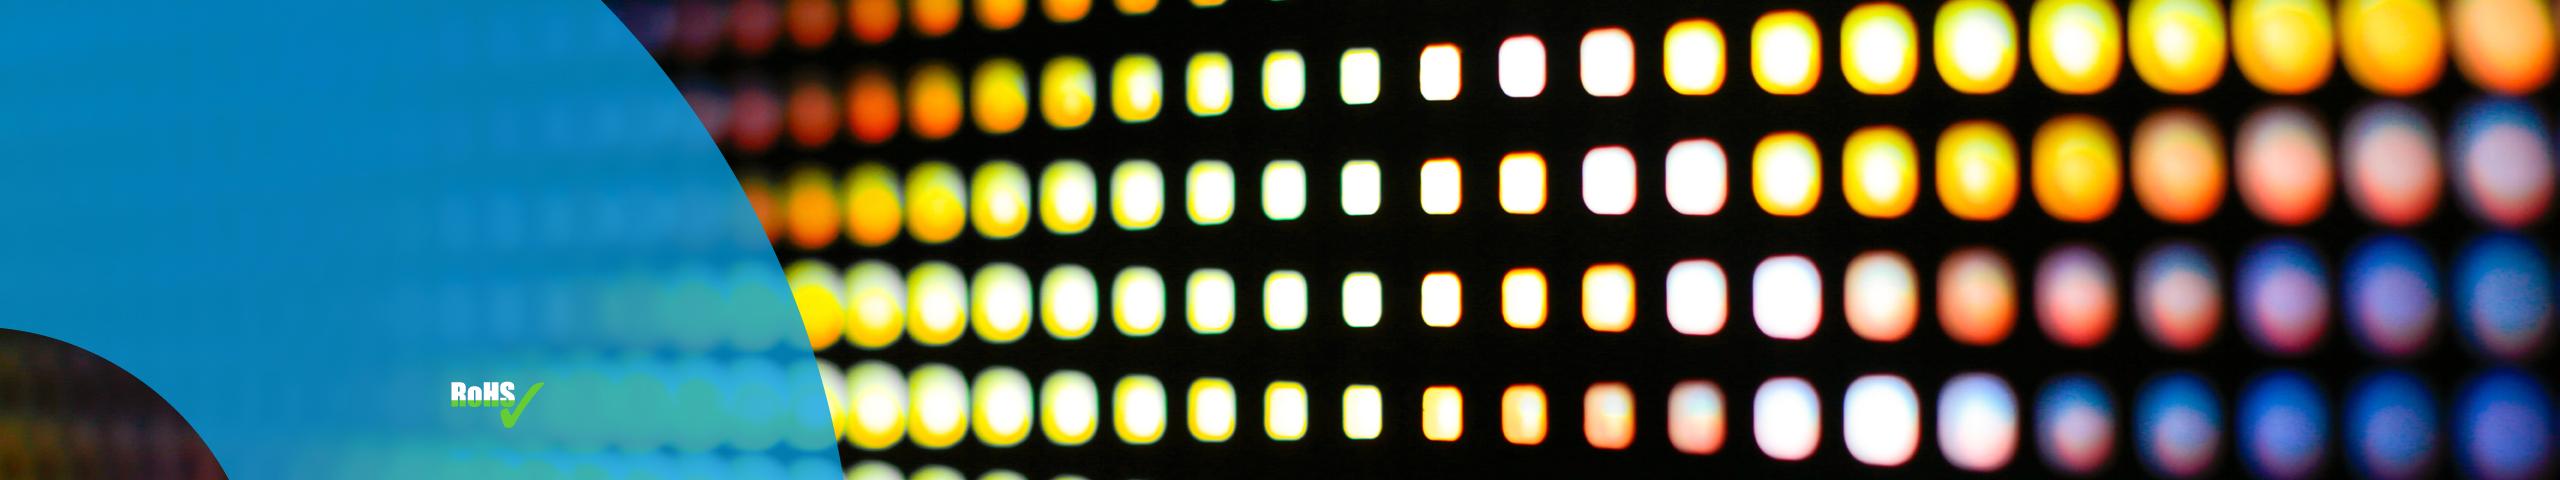 Kabel für die Verdrahtung von Lampen und Leuchten